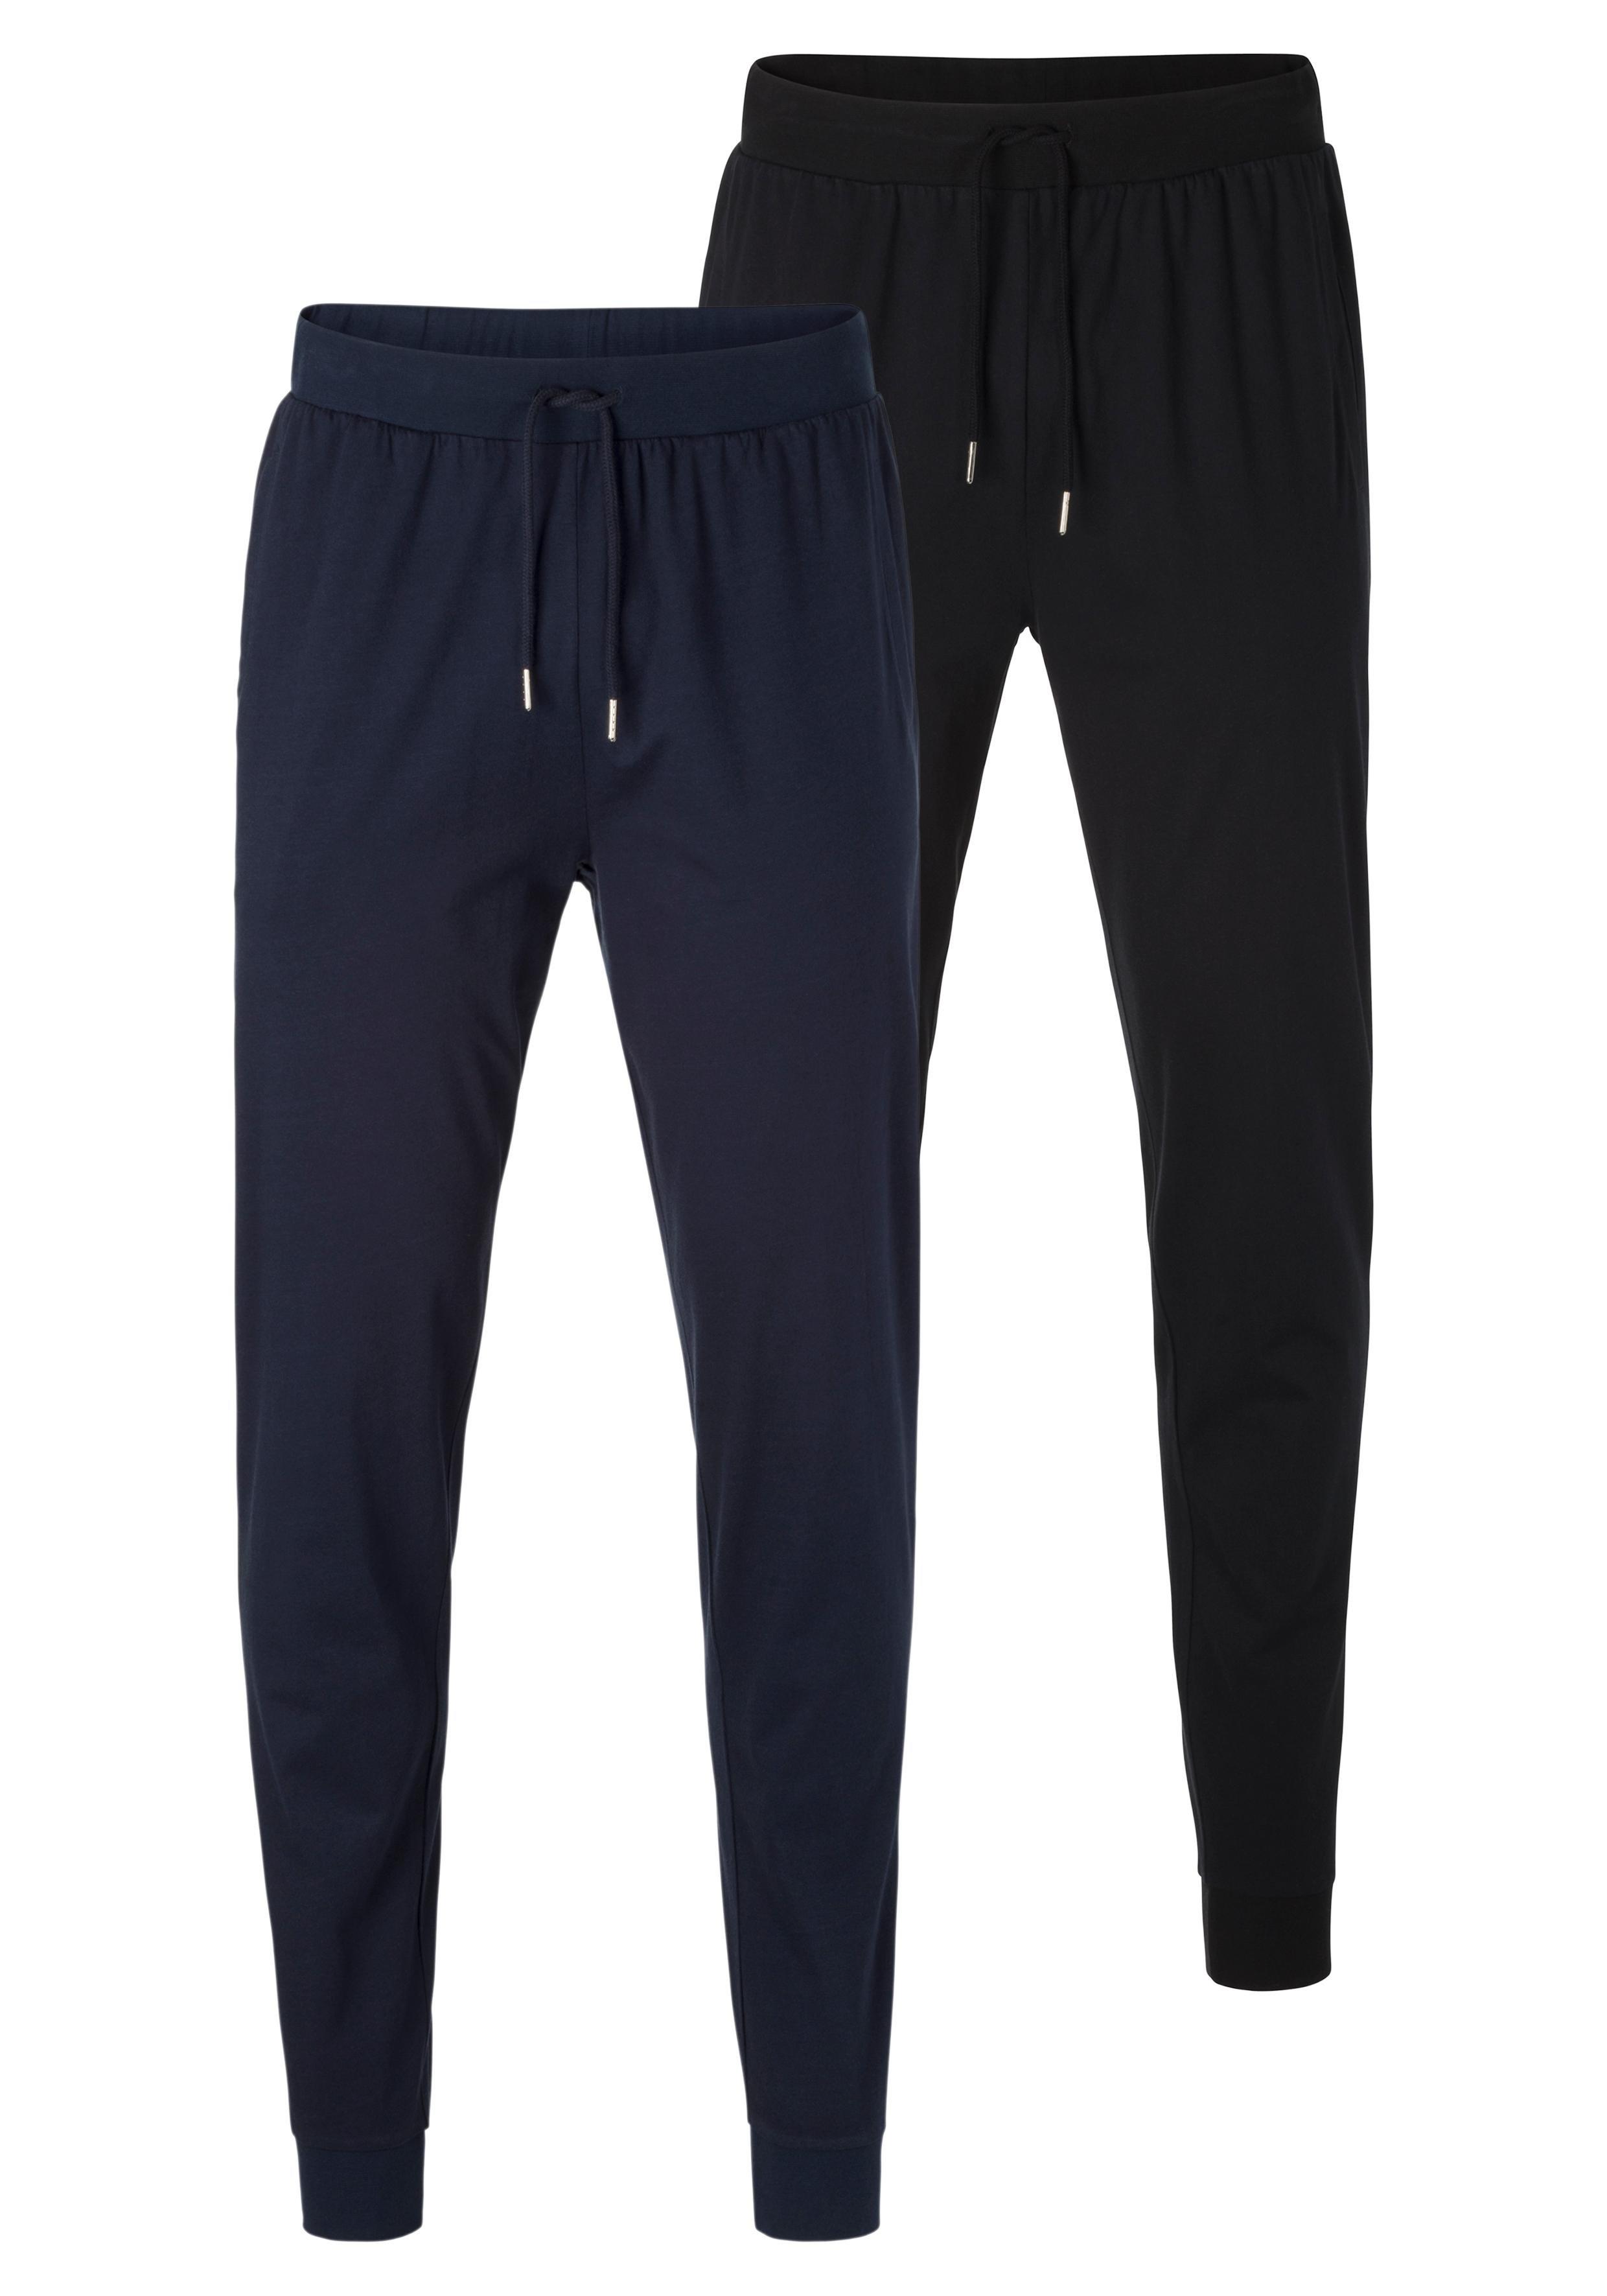 AUTHENTIC UNDERWEAR pyjamabroek (set van 2) online kopen op lascana.nl